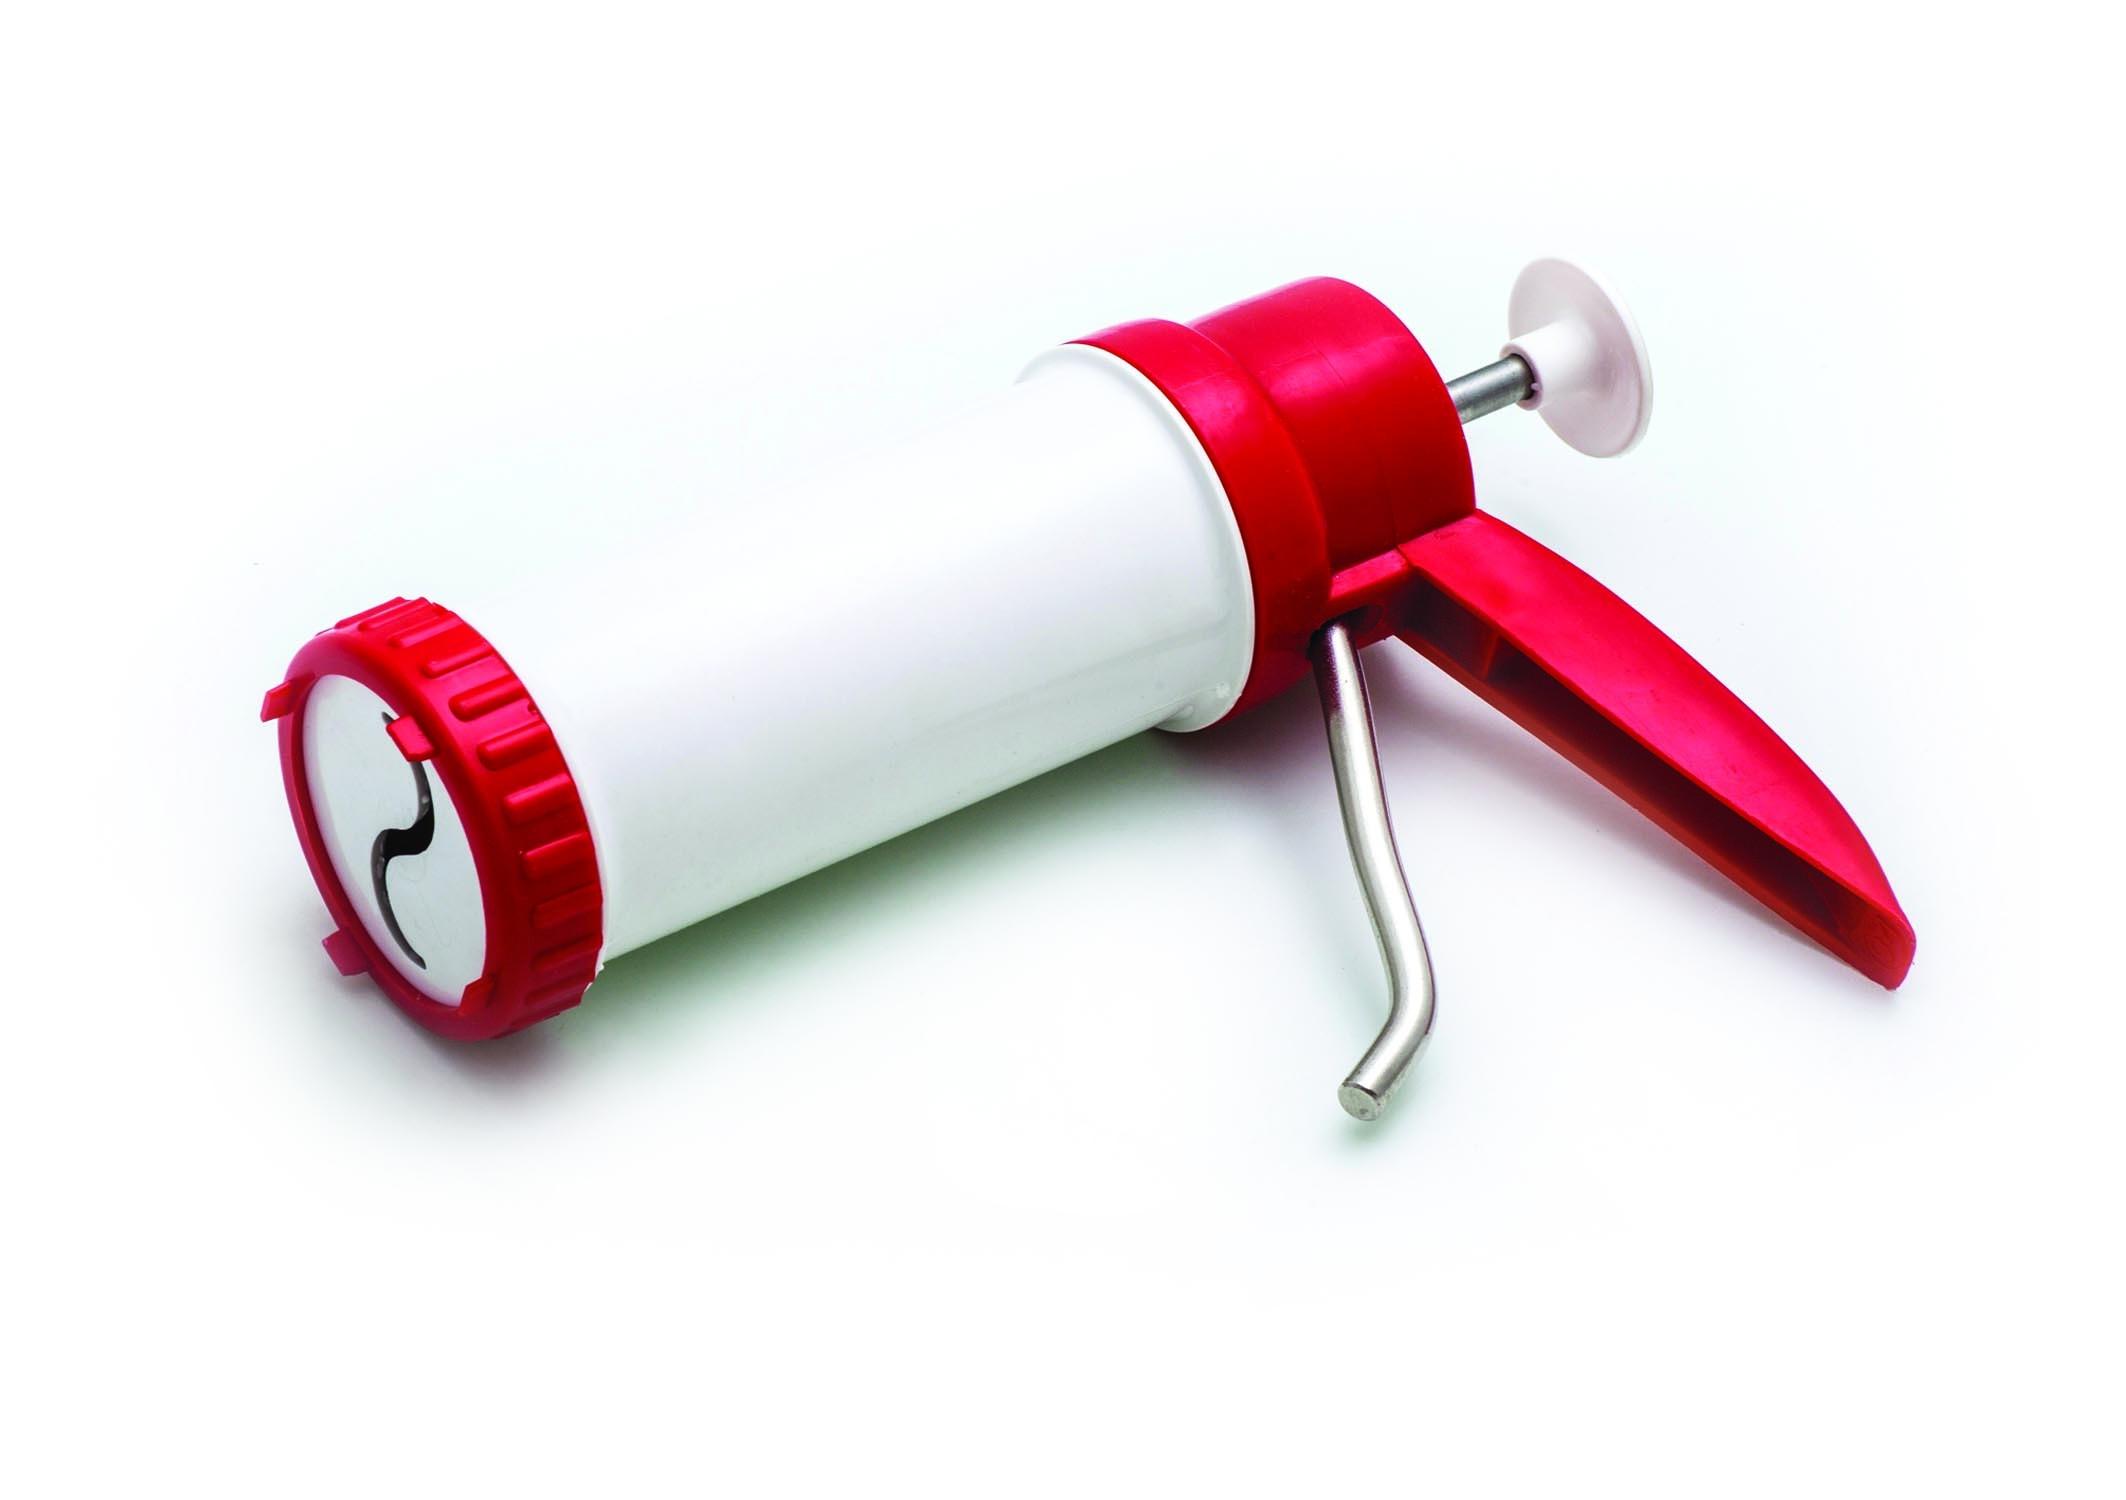 Μπισκοτομηχανή Πλαστική Με 15 Δίσκους Formex home   ζαχαροπλαστικη   εργαλεία ζαχαροπλαστικής